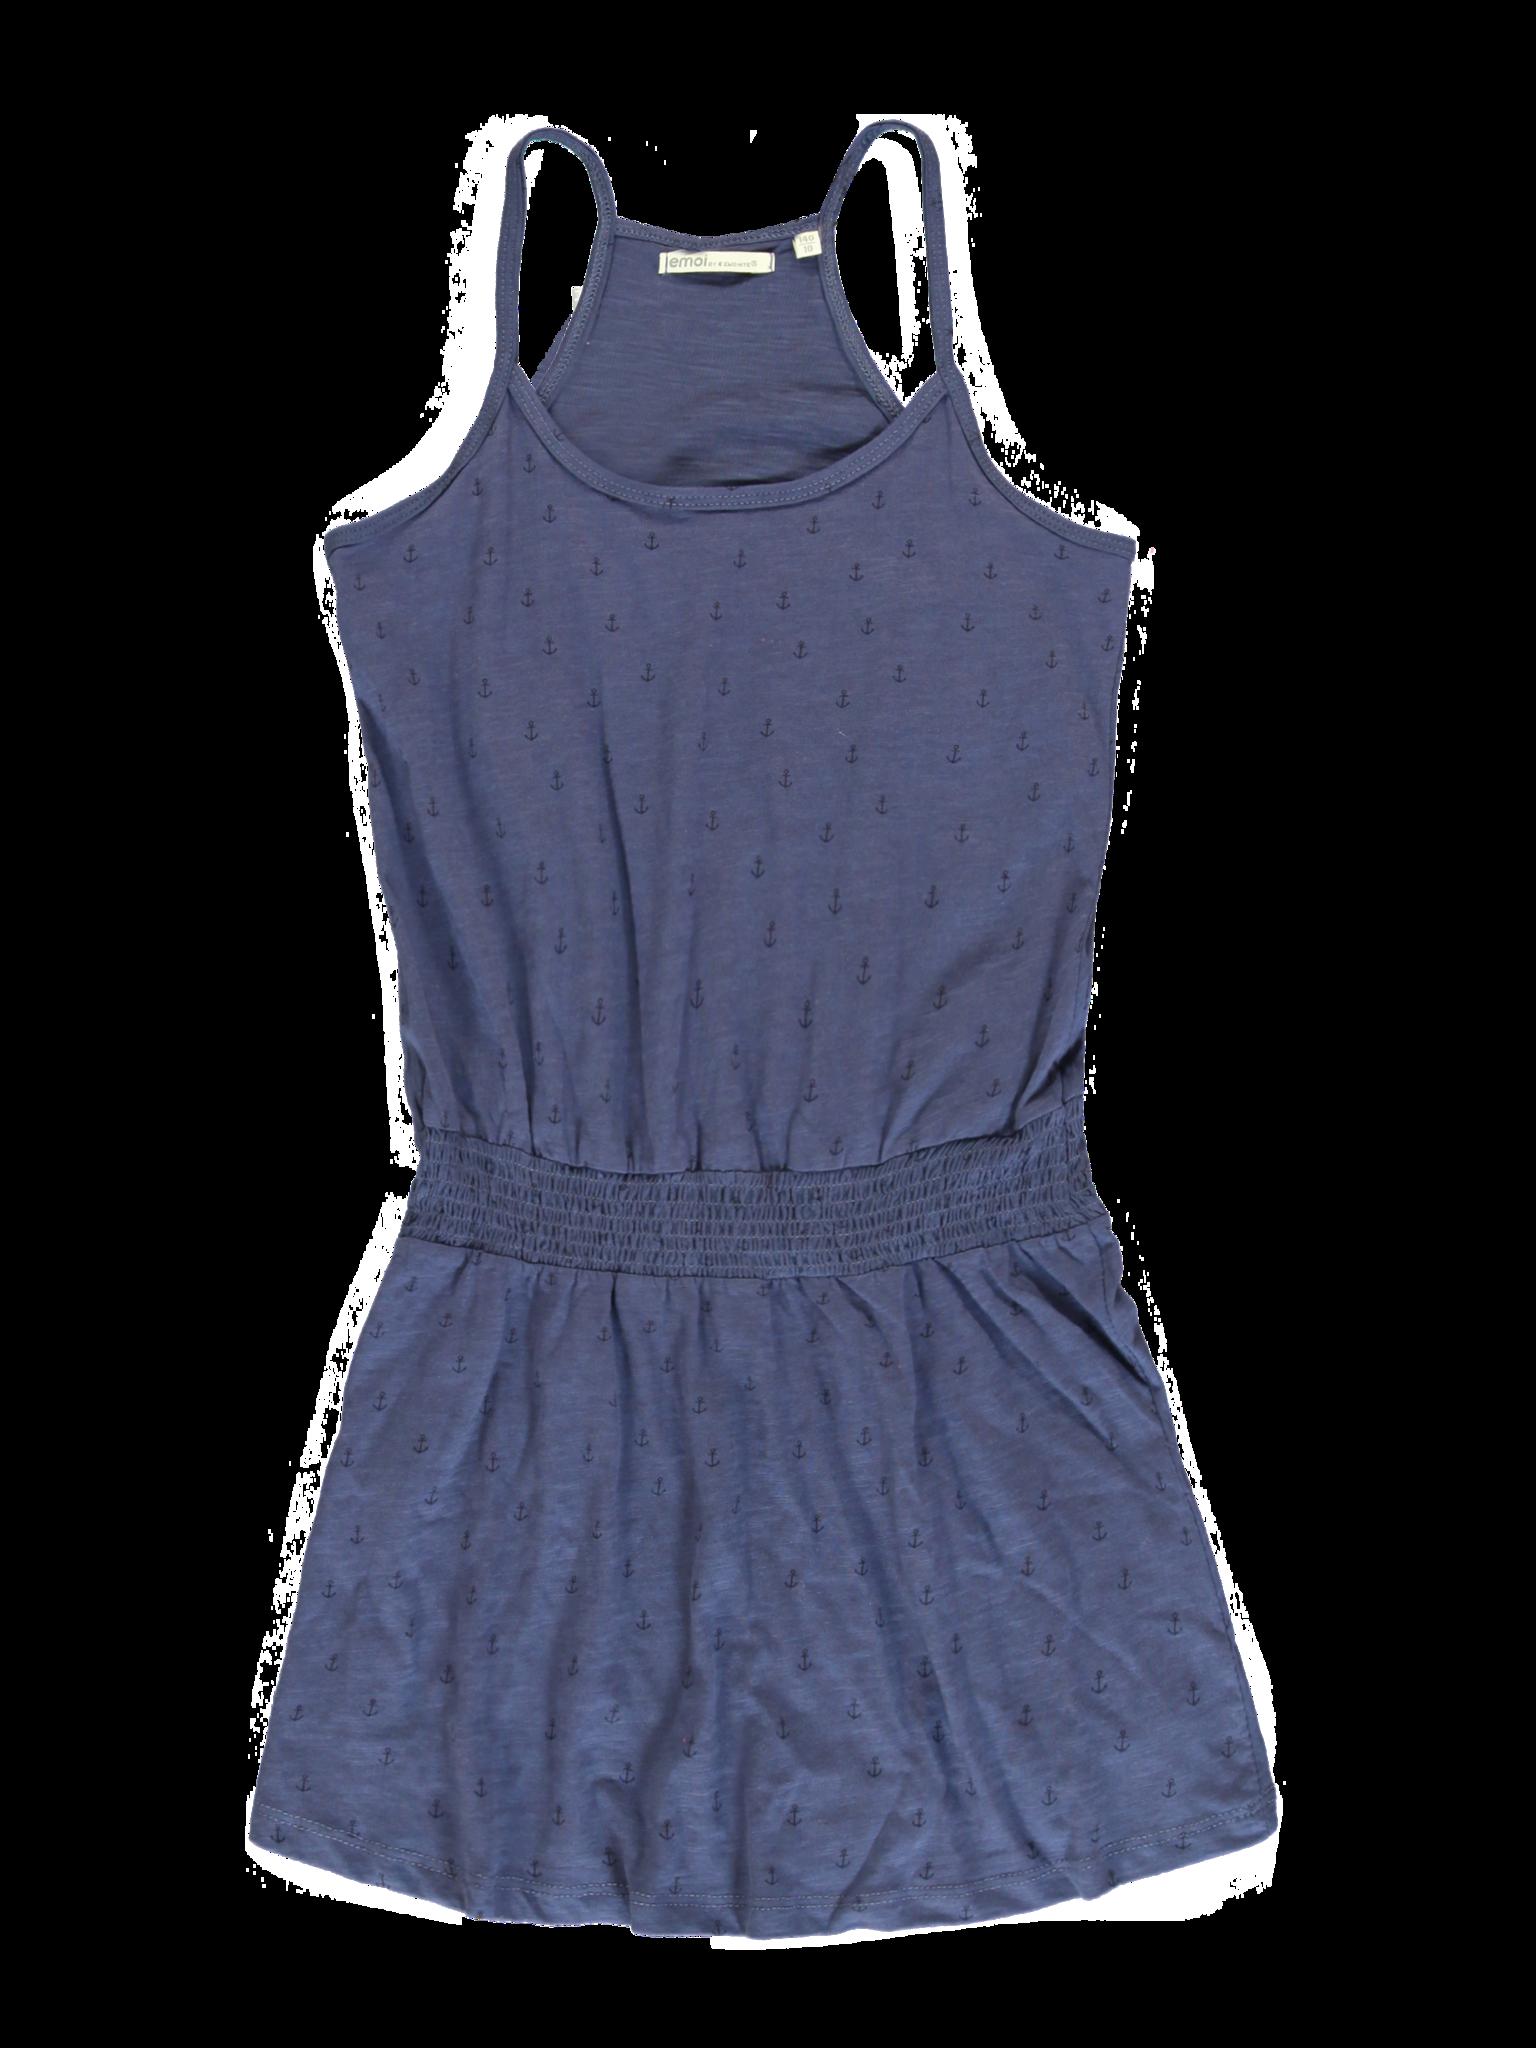 All Brands   Summerproducts Teen Girls   Dress   10 pcs/box